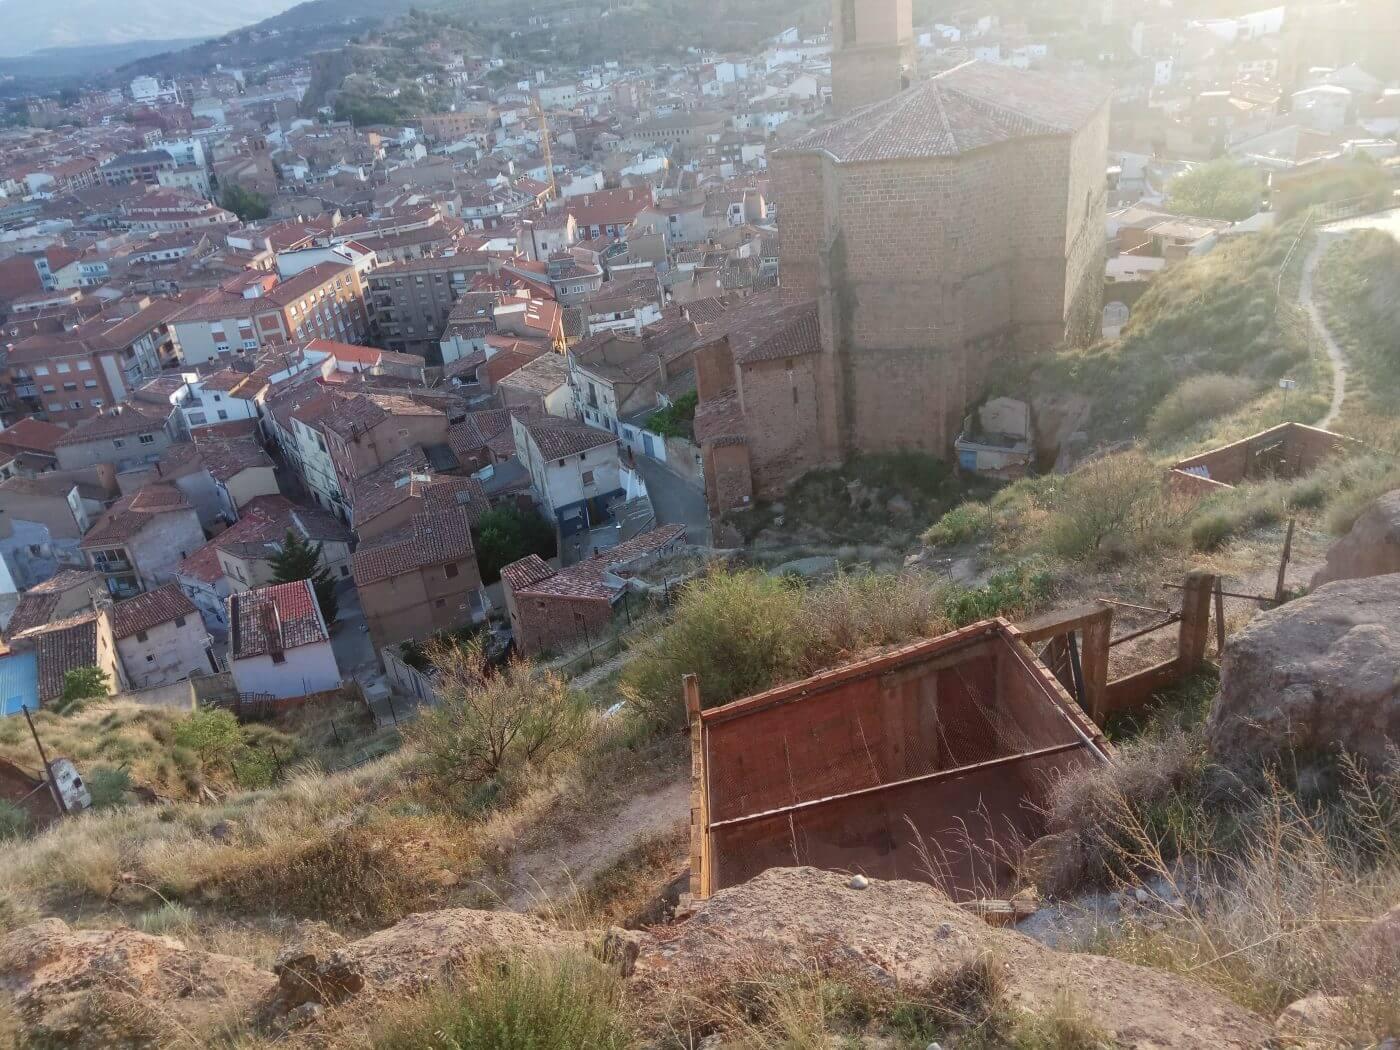 El alcalde de Arnedo afirma que se está actuando en el ámbito judicial ante la situación que sufren vecinos del casco antiguo amenazados por una pareja con historial delictivo